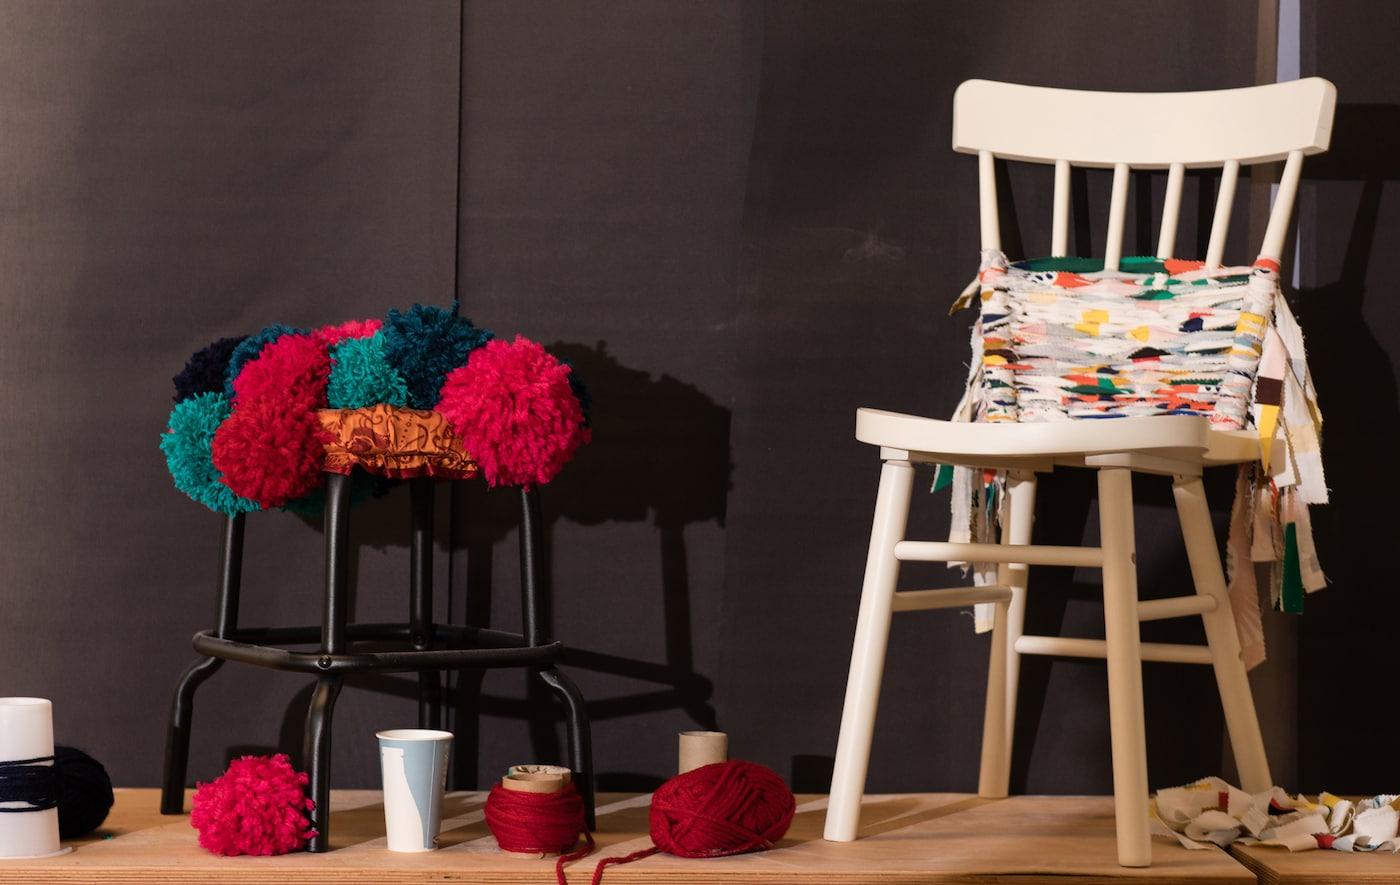 Sort taburet pyntet med strikkede ting og en hvid stol pyntet med stofrester.